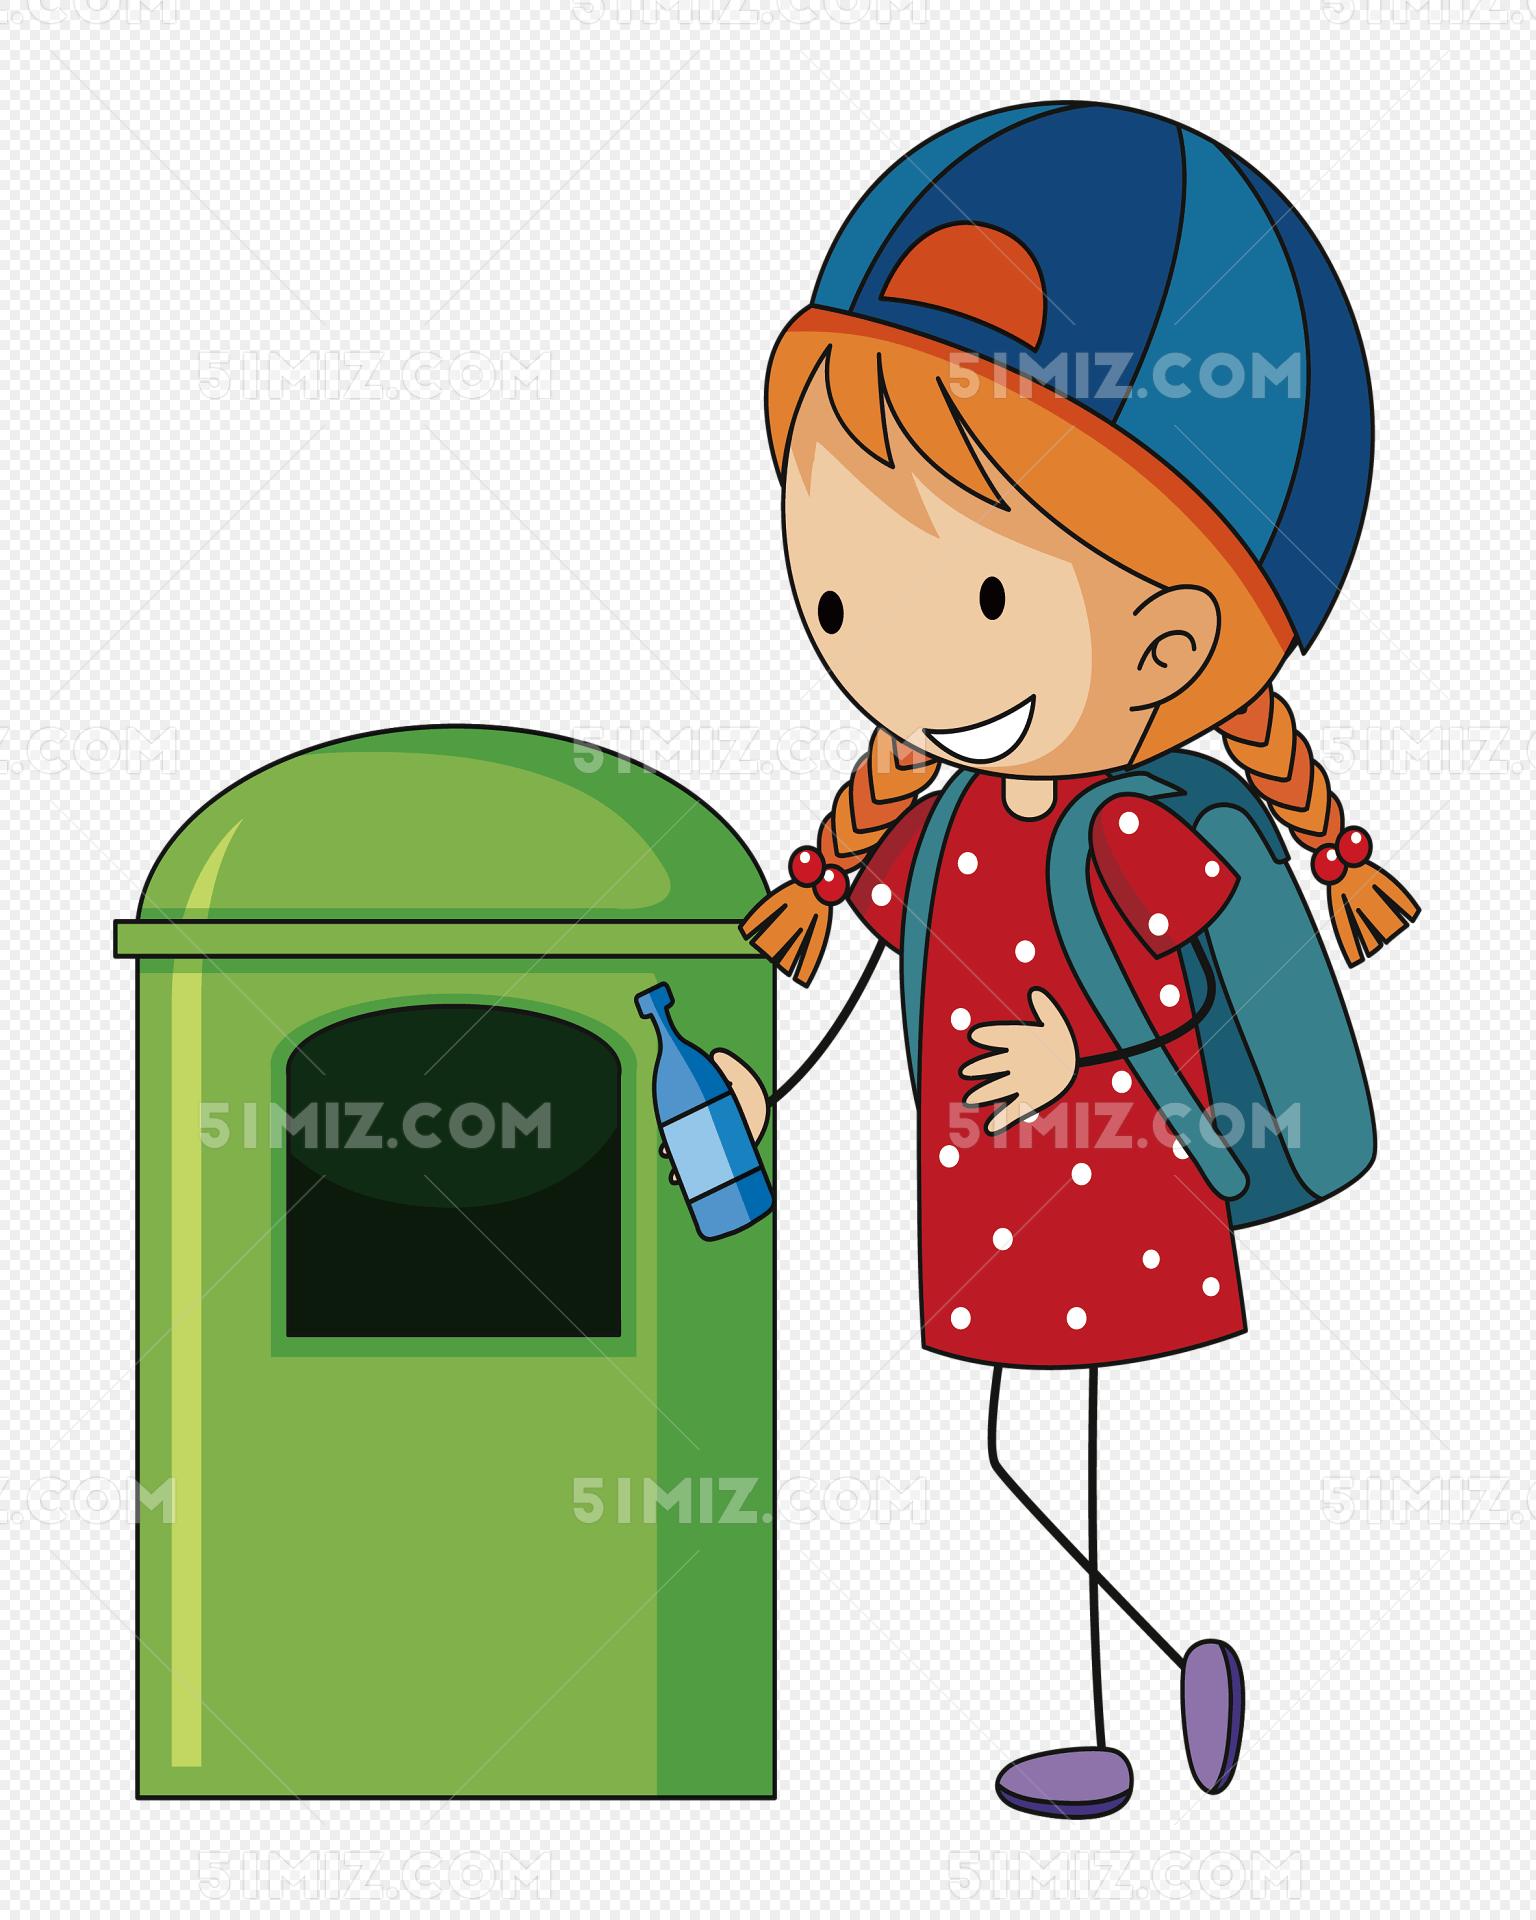 保护环境扔垃圾进垃圾桶标签:保护环境扔垃圾进垃圾桶免费下载 矢量